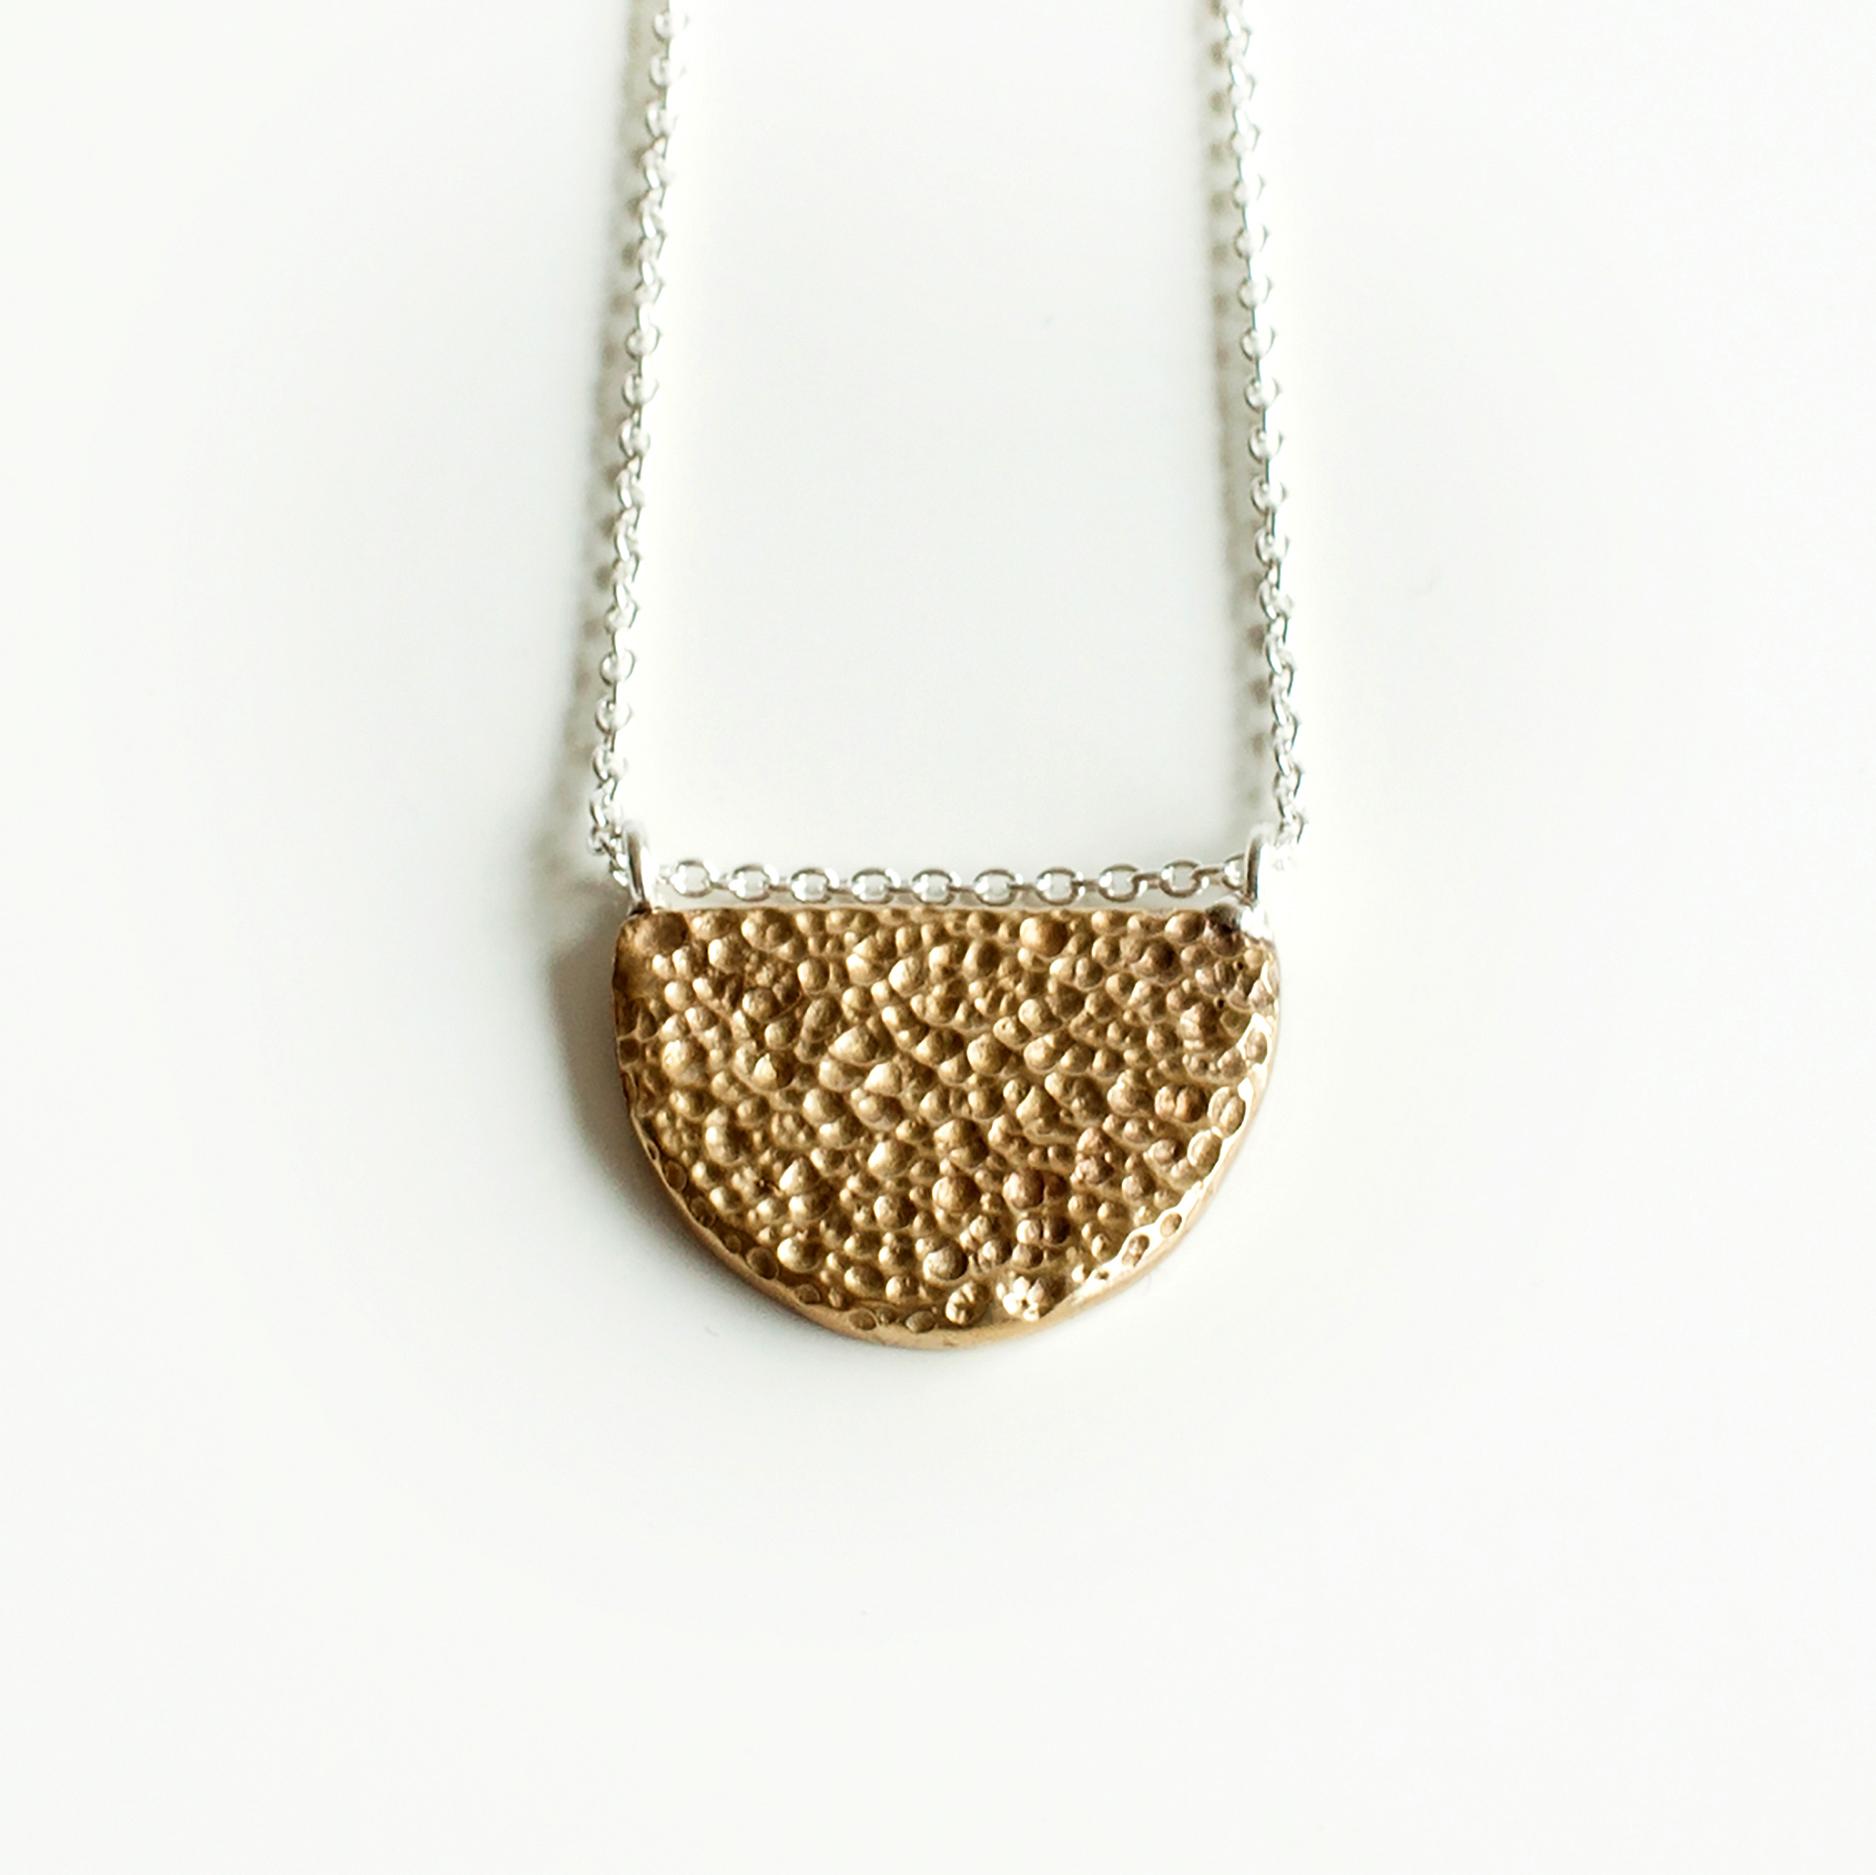 Petite Achelois Necklace $86.00